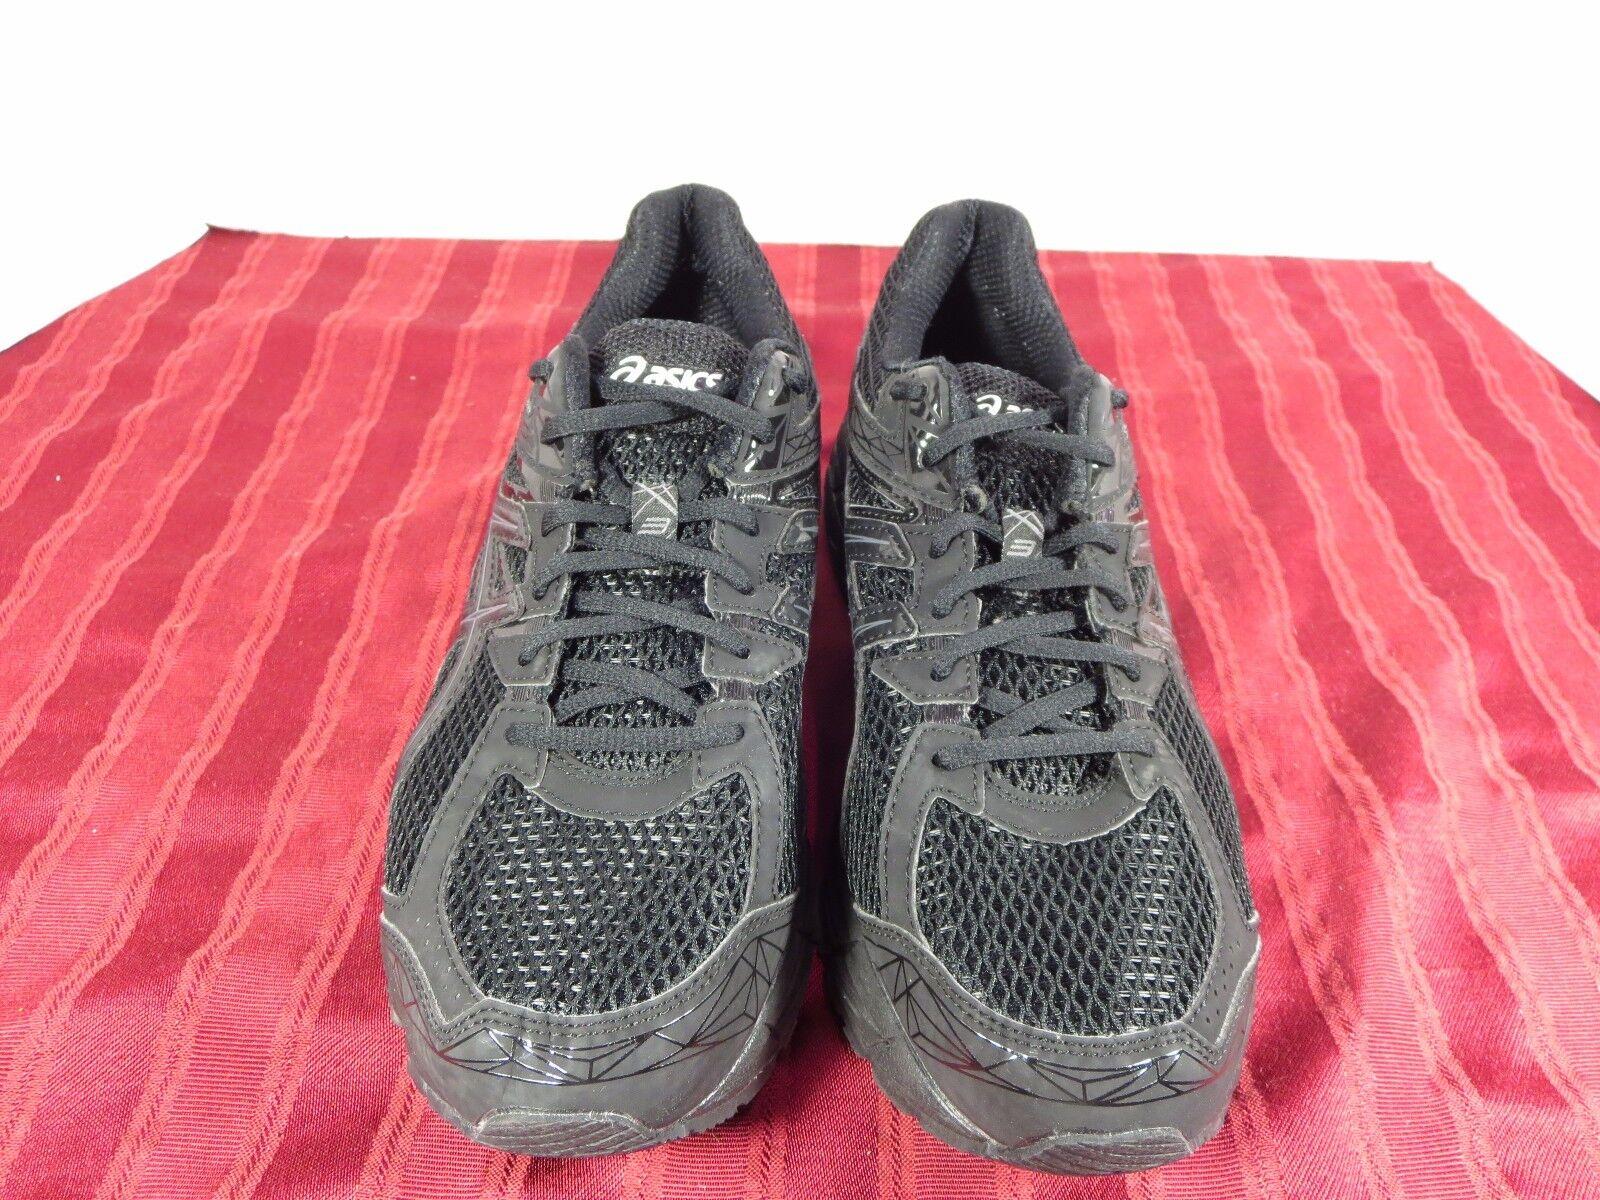 Asics GT-1000 3 Running Fitness CrossFit Marathon Jog shoes Women Sz 10.5D Wide